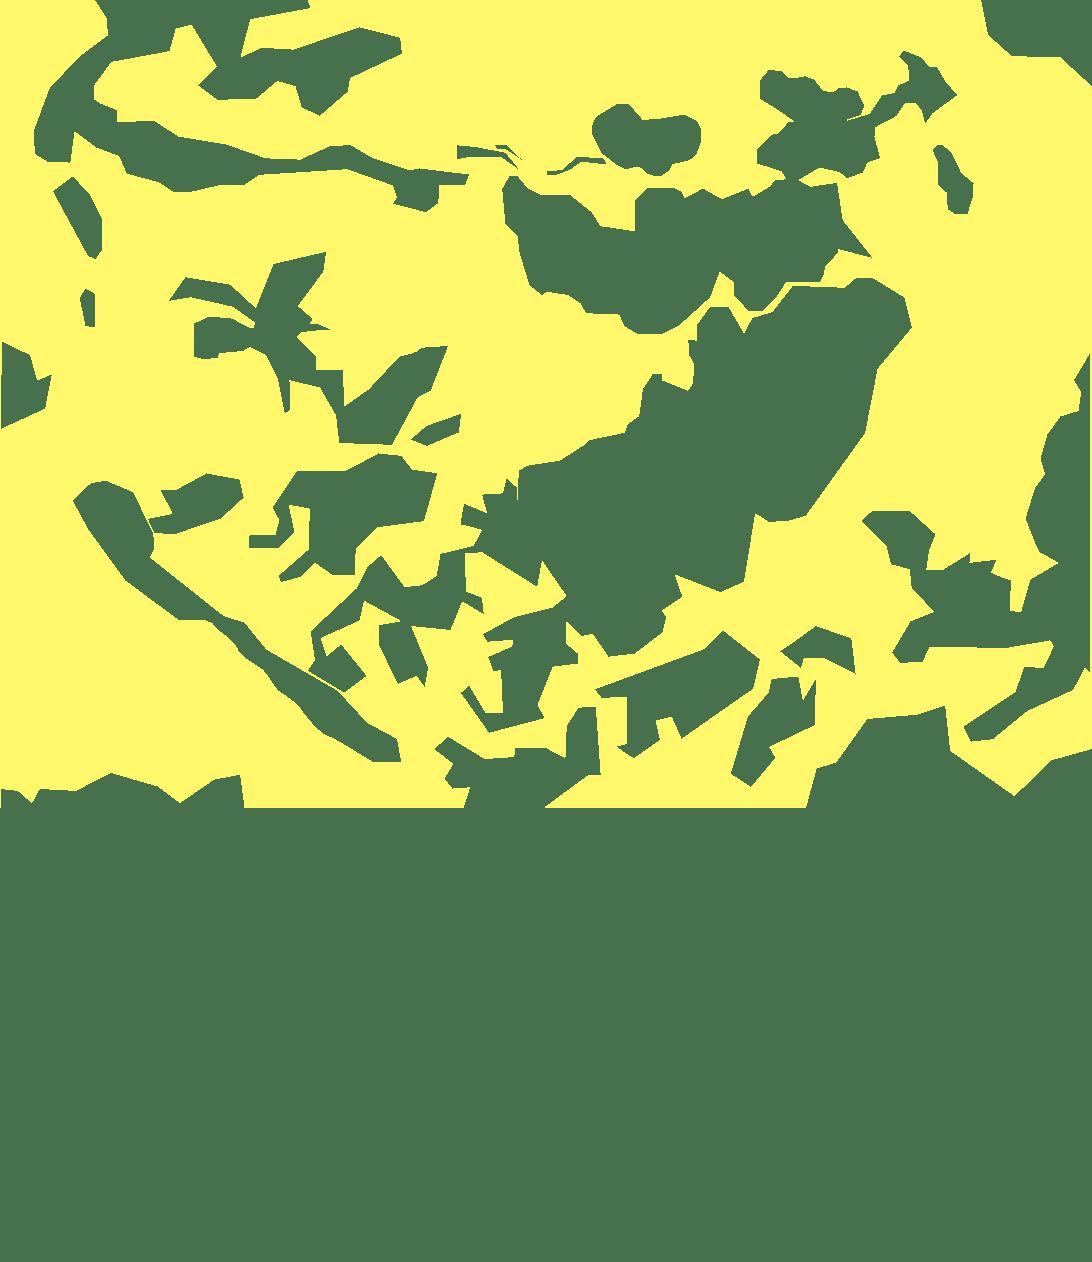 versant de montagne agricole